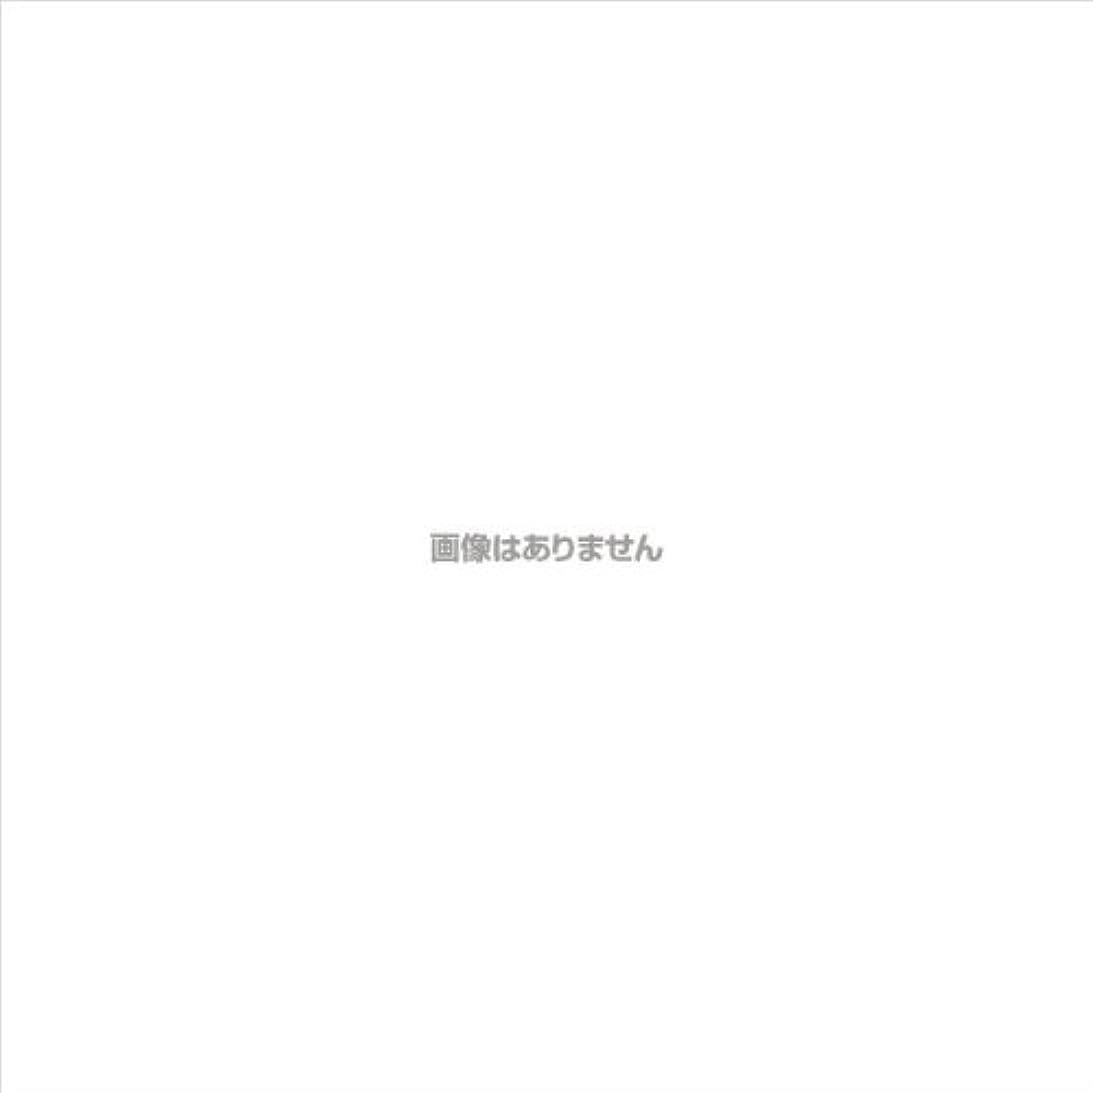 ニトリルNEOプラス パウダーフリー / 574 L ホワイト 100枚入 ケース(20箱入)